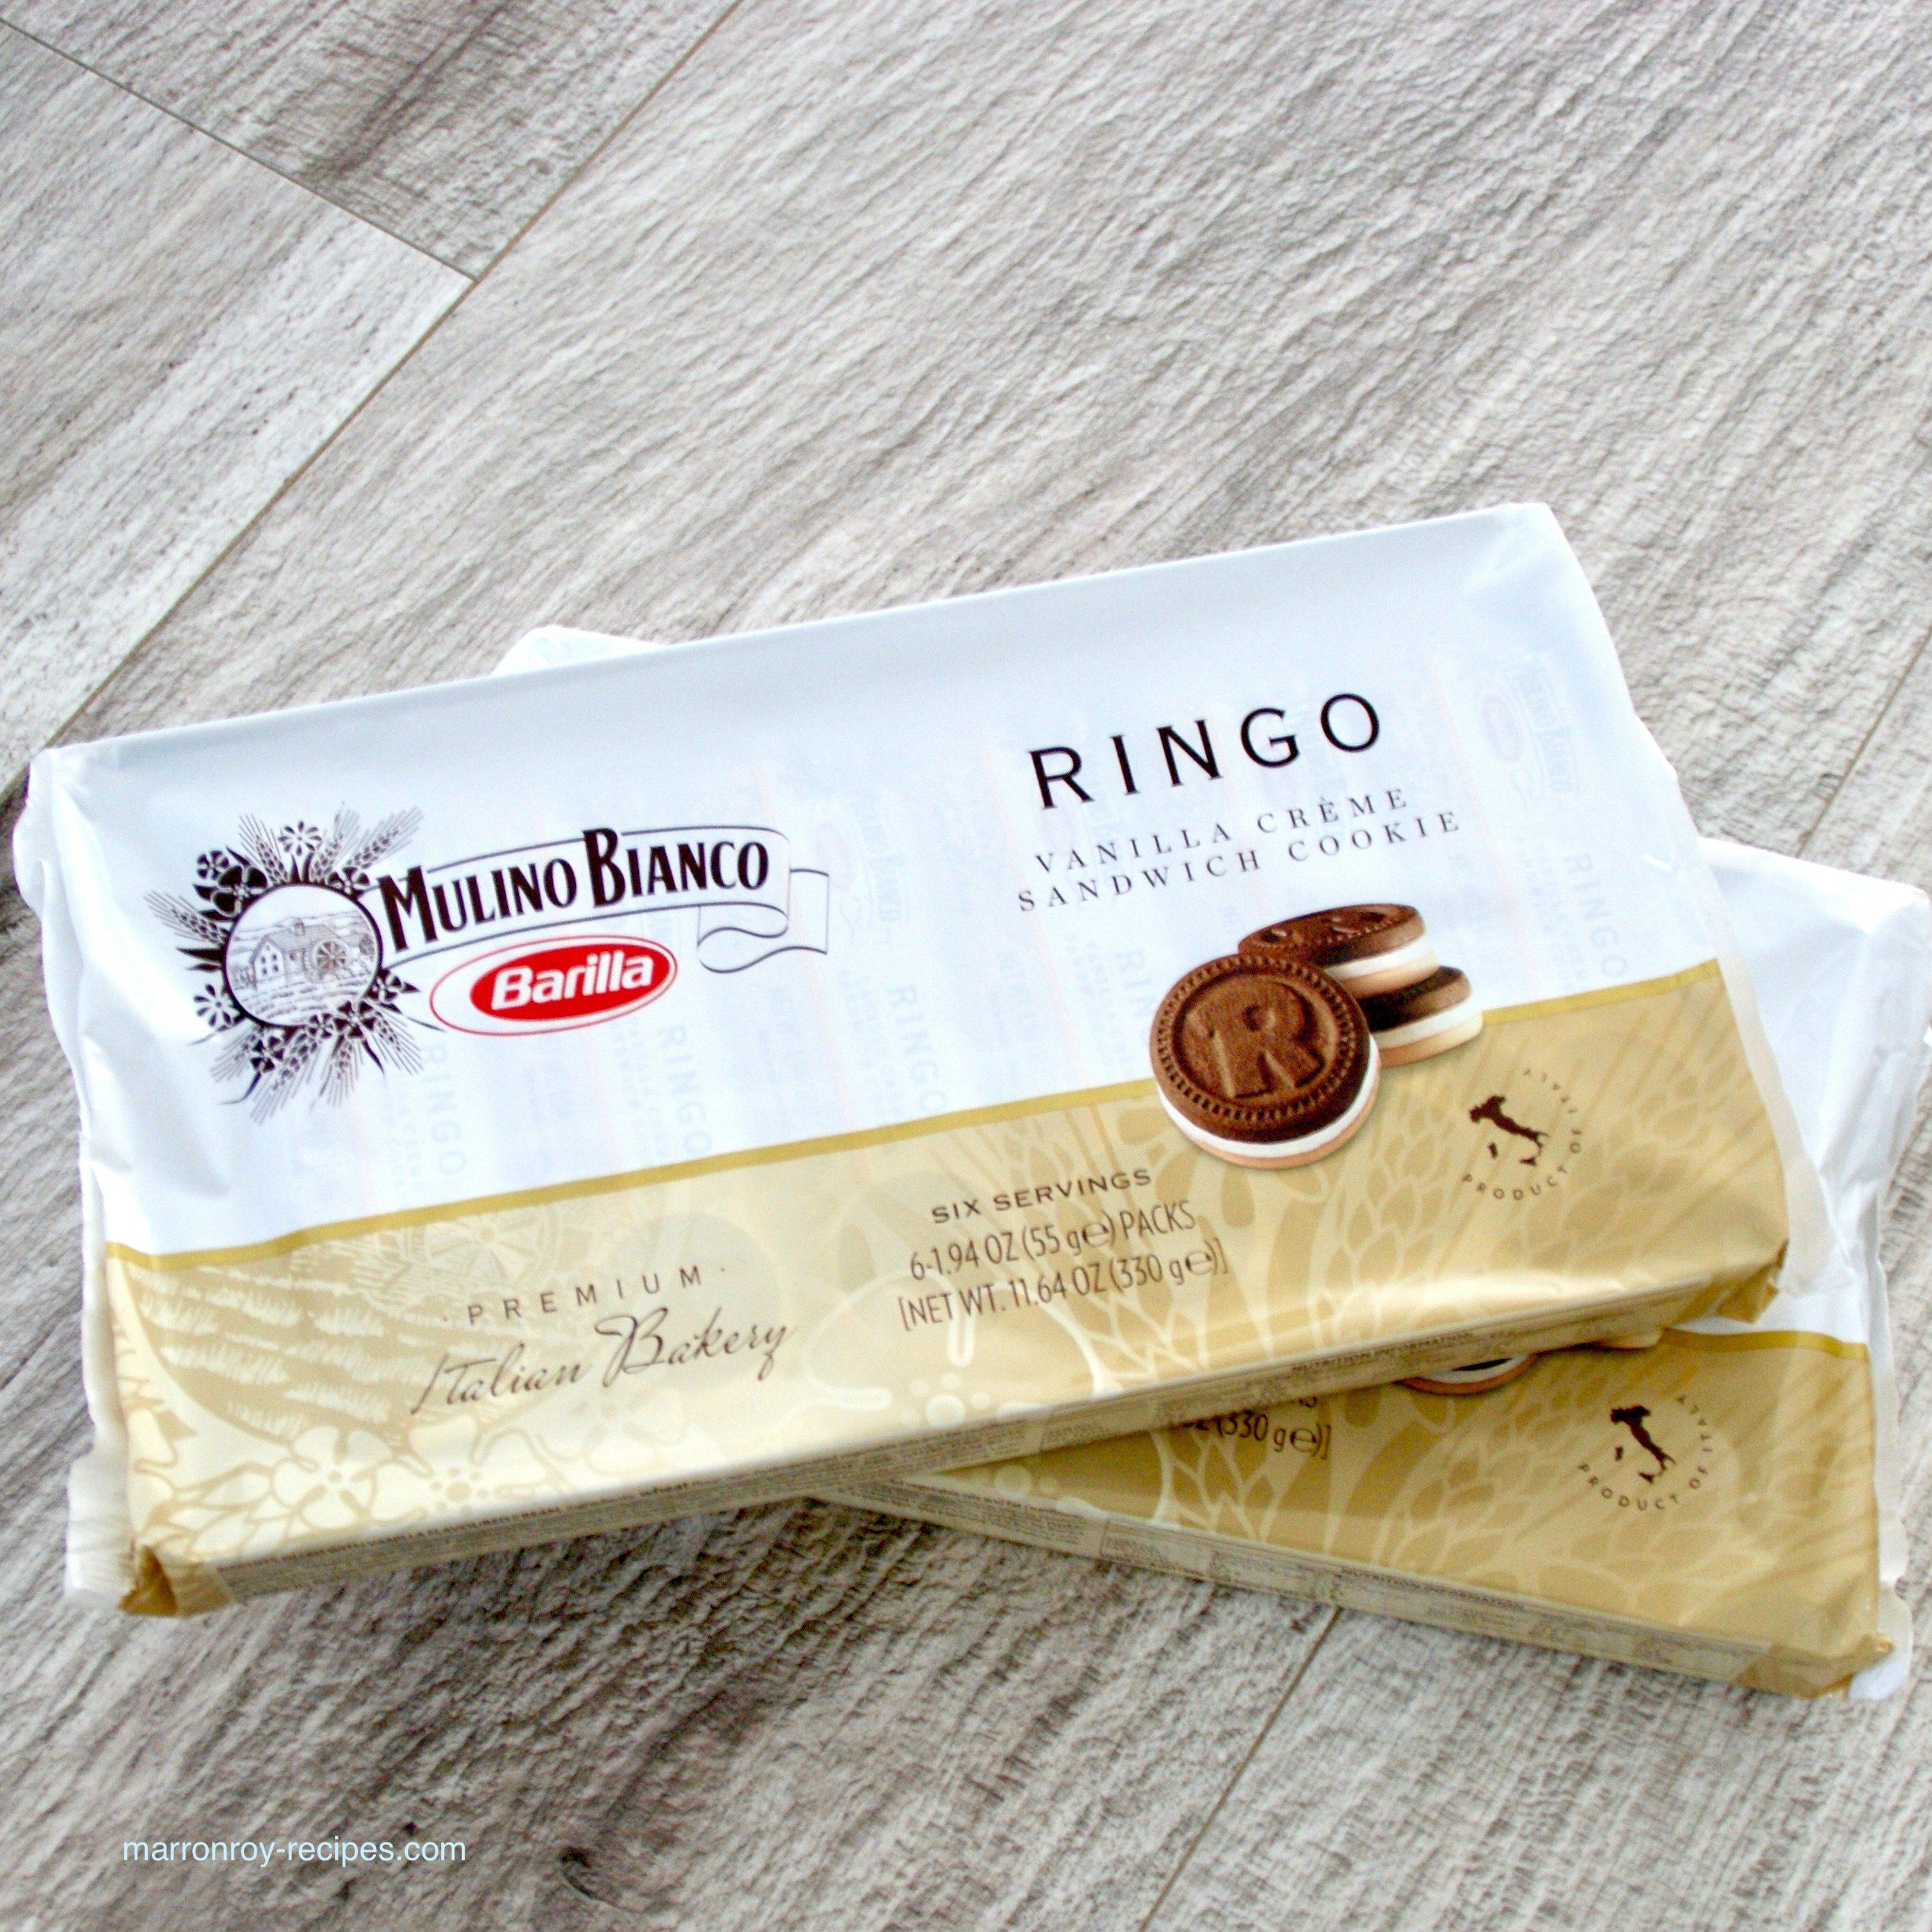 """Barilla(バリラ)""""ムリーノビアンコ RINGO""""ってどんなクッキー?"""